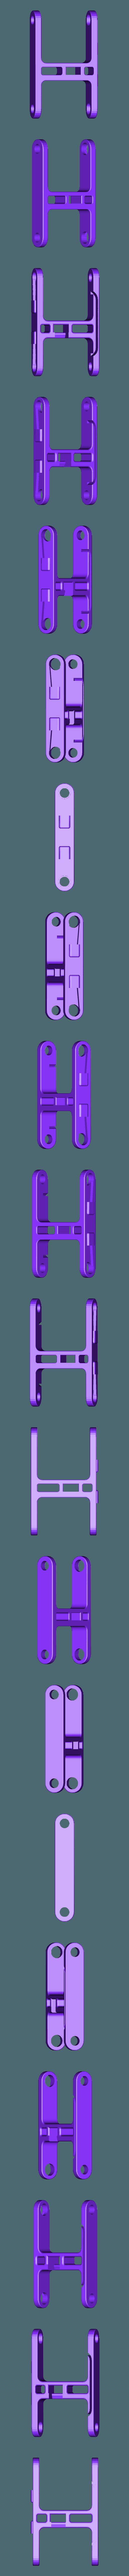 Femur_MG90_A.stl Télécharger fichier STL gratuit Robot Spider Bug (robot quadrupède, quadrupède)-MG90 • Design pour impression 3D, kasinatorhh